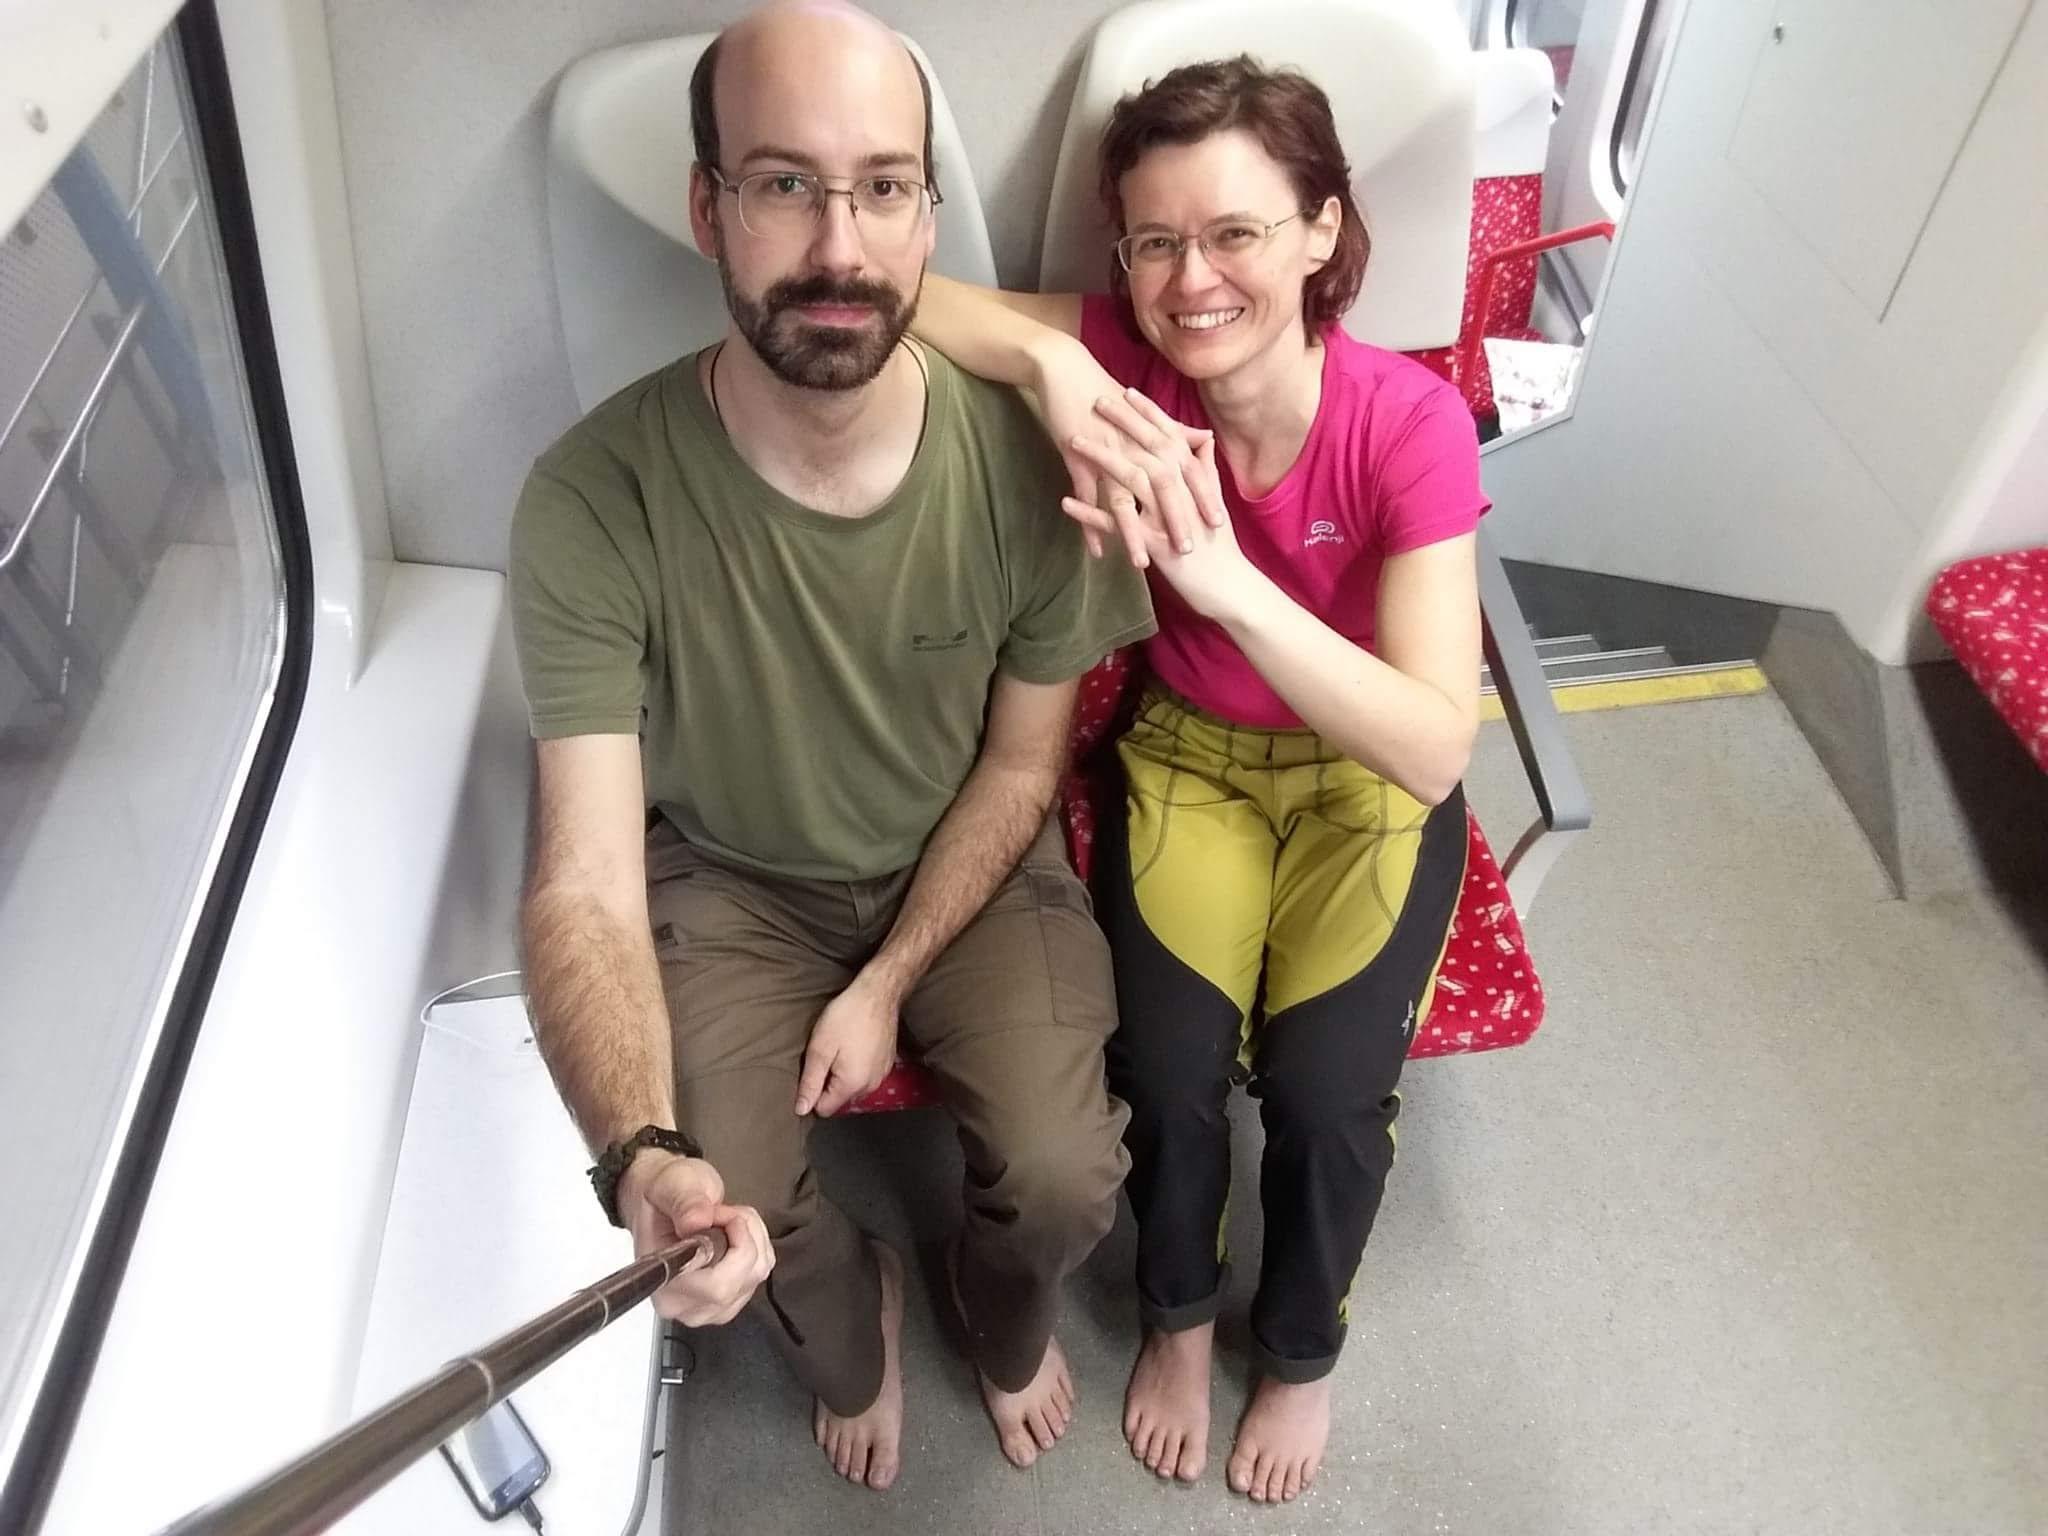 Cestovanie vo vlaku naboso s kamarátom z Maďarska